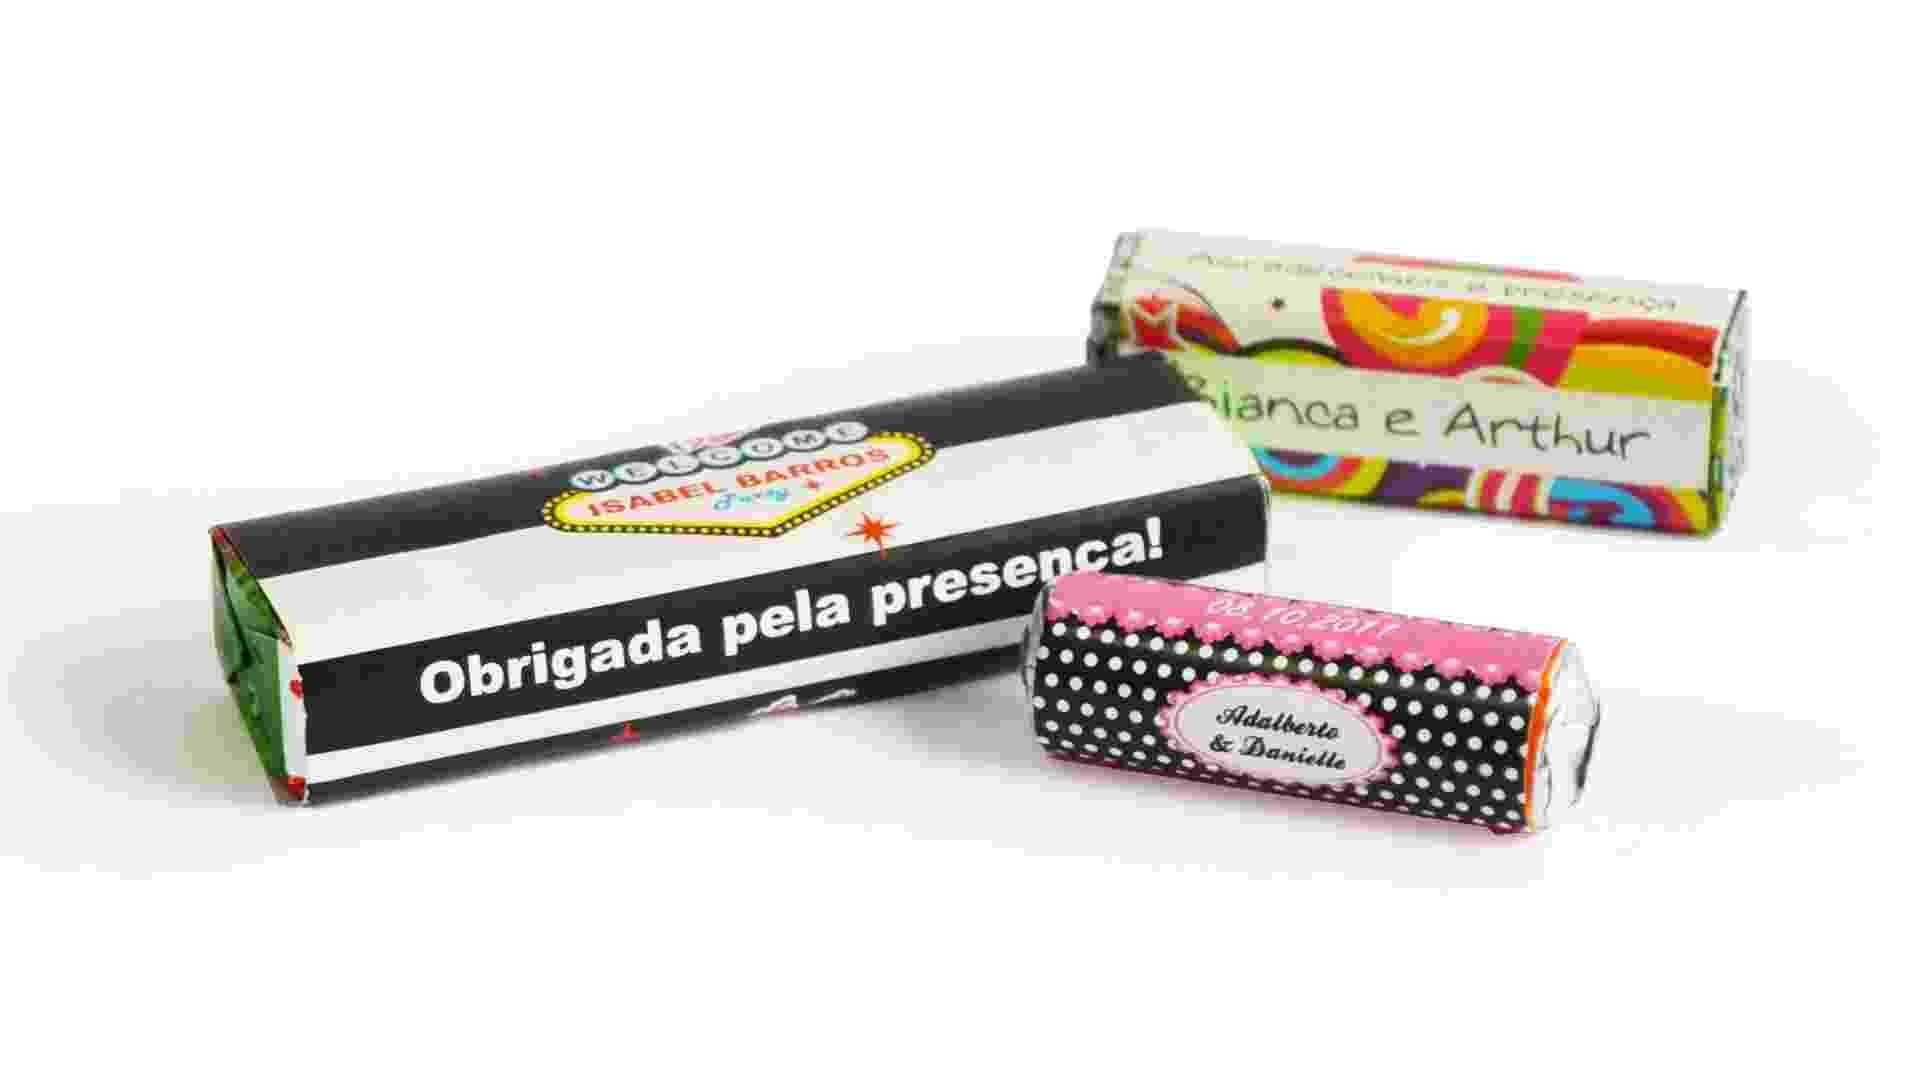 Balas com embalagens personalizadas; da Casamento.art.br (www.casamento.art.br), por R$ 2,50 (drops grande), R$ 1,30 (pastilha quadrada) e R$ 0,77 (mini pastilha redonda). Disponibilidade e preço pesquisados em junho de 2013 e sujeito a alterações - Divulgação/Casamento.art.br